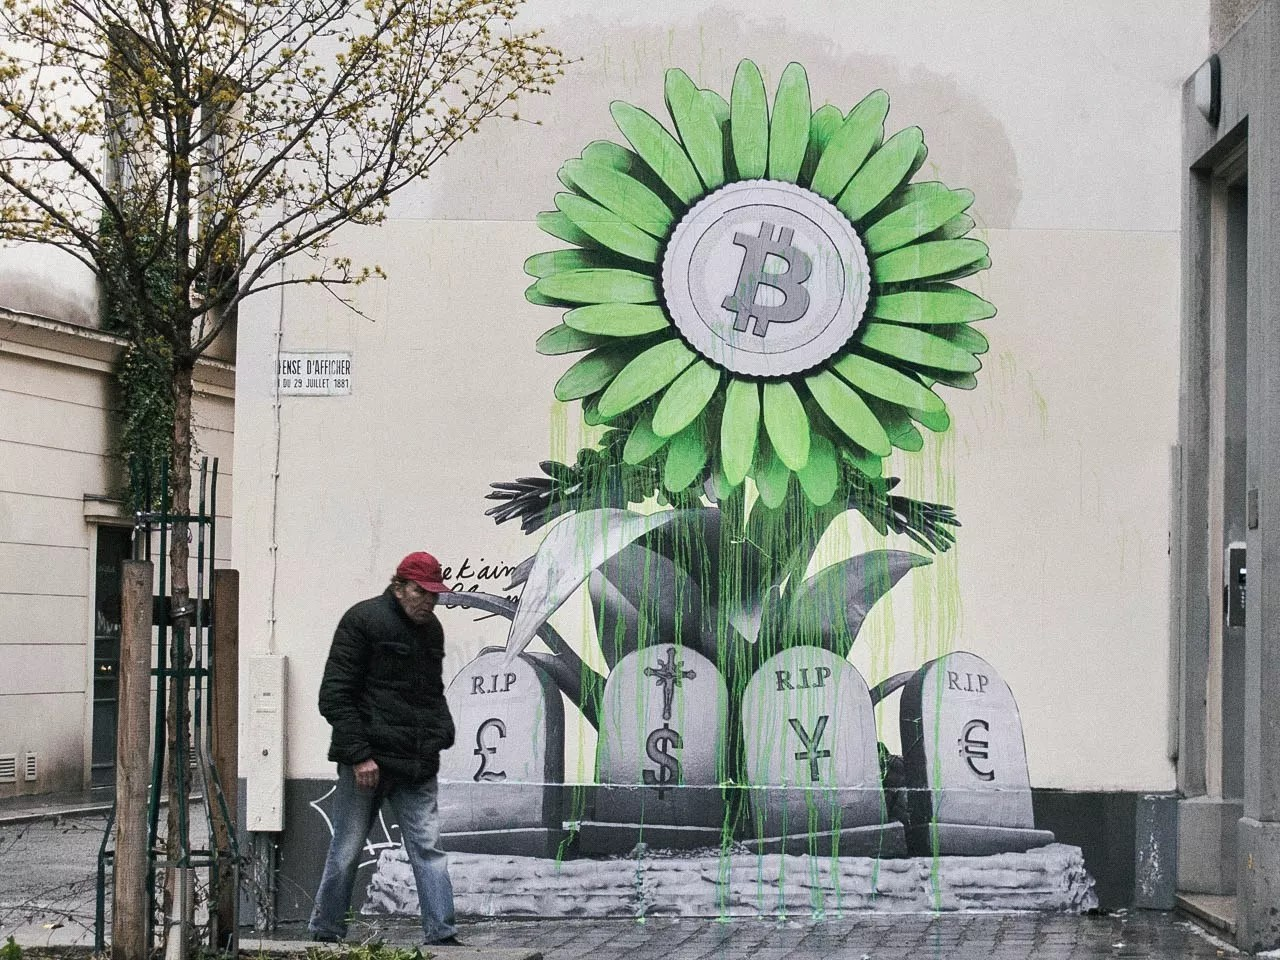 在即将到来的经济衰退中,比特币能否成为世界货币?